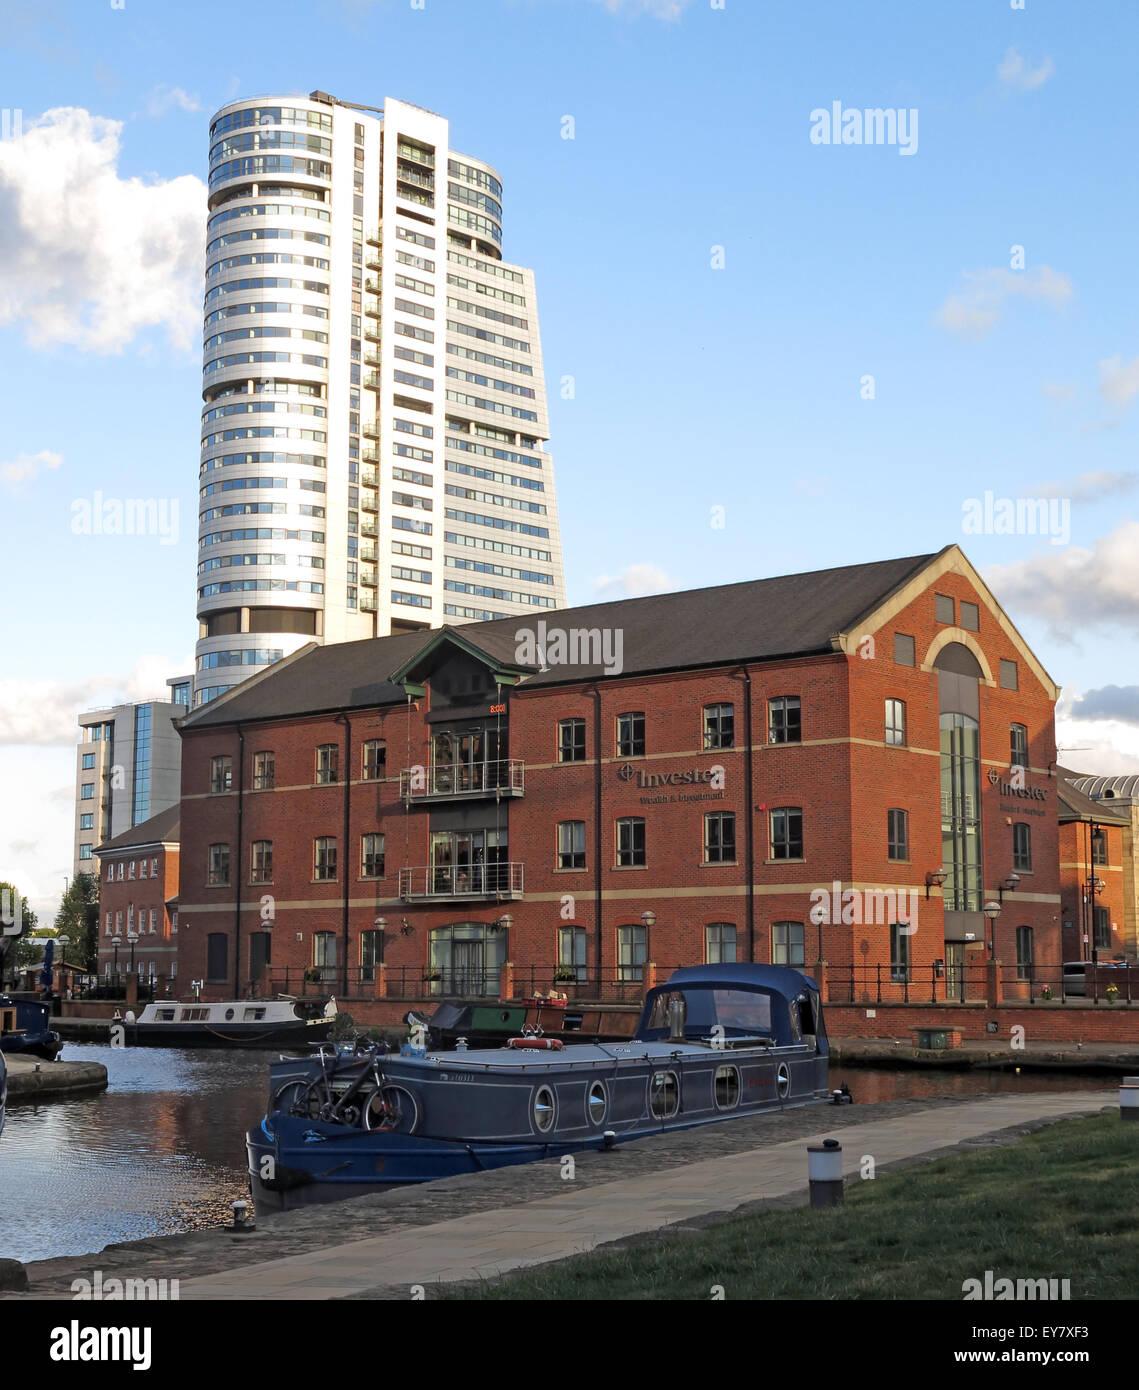 Laden Sie dieses Alamy Stockfoto Leeds Wharf Lock, Innenstadt, West Yorkshire, England, Vereinigtes Königreich (Leeds / Liverpool Canal) - EY7XF3